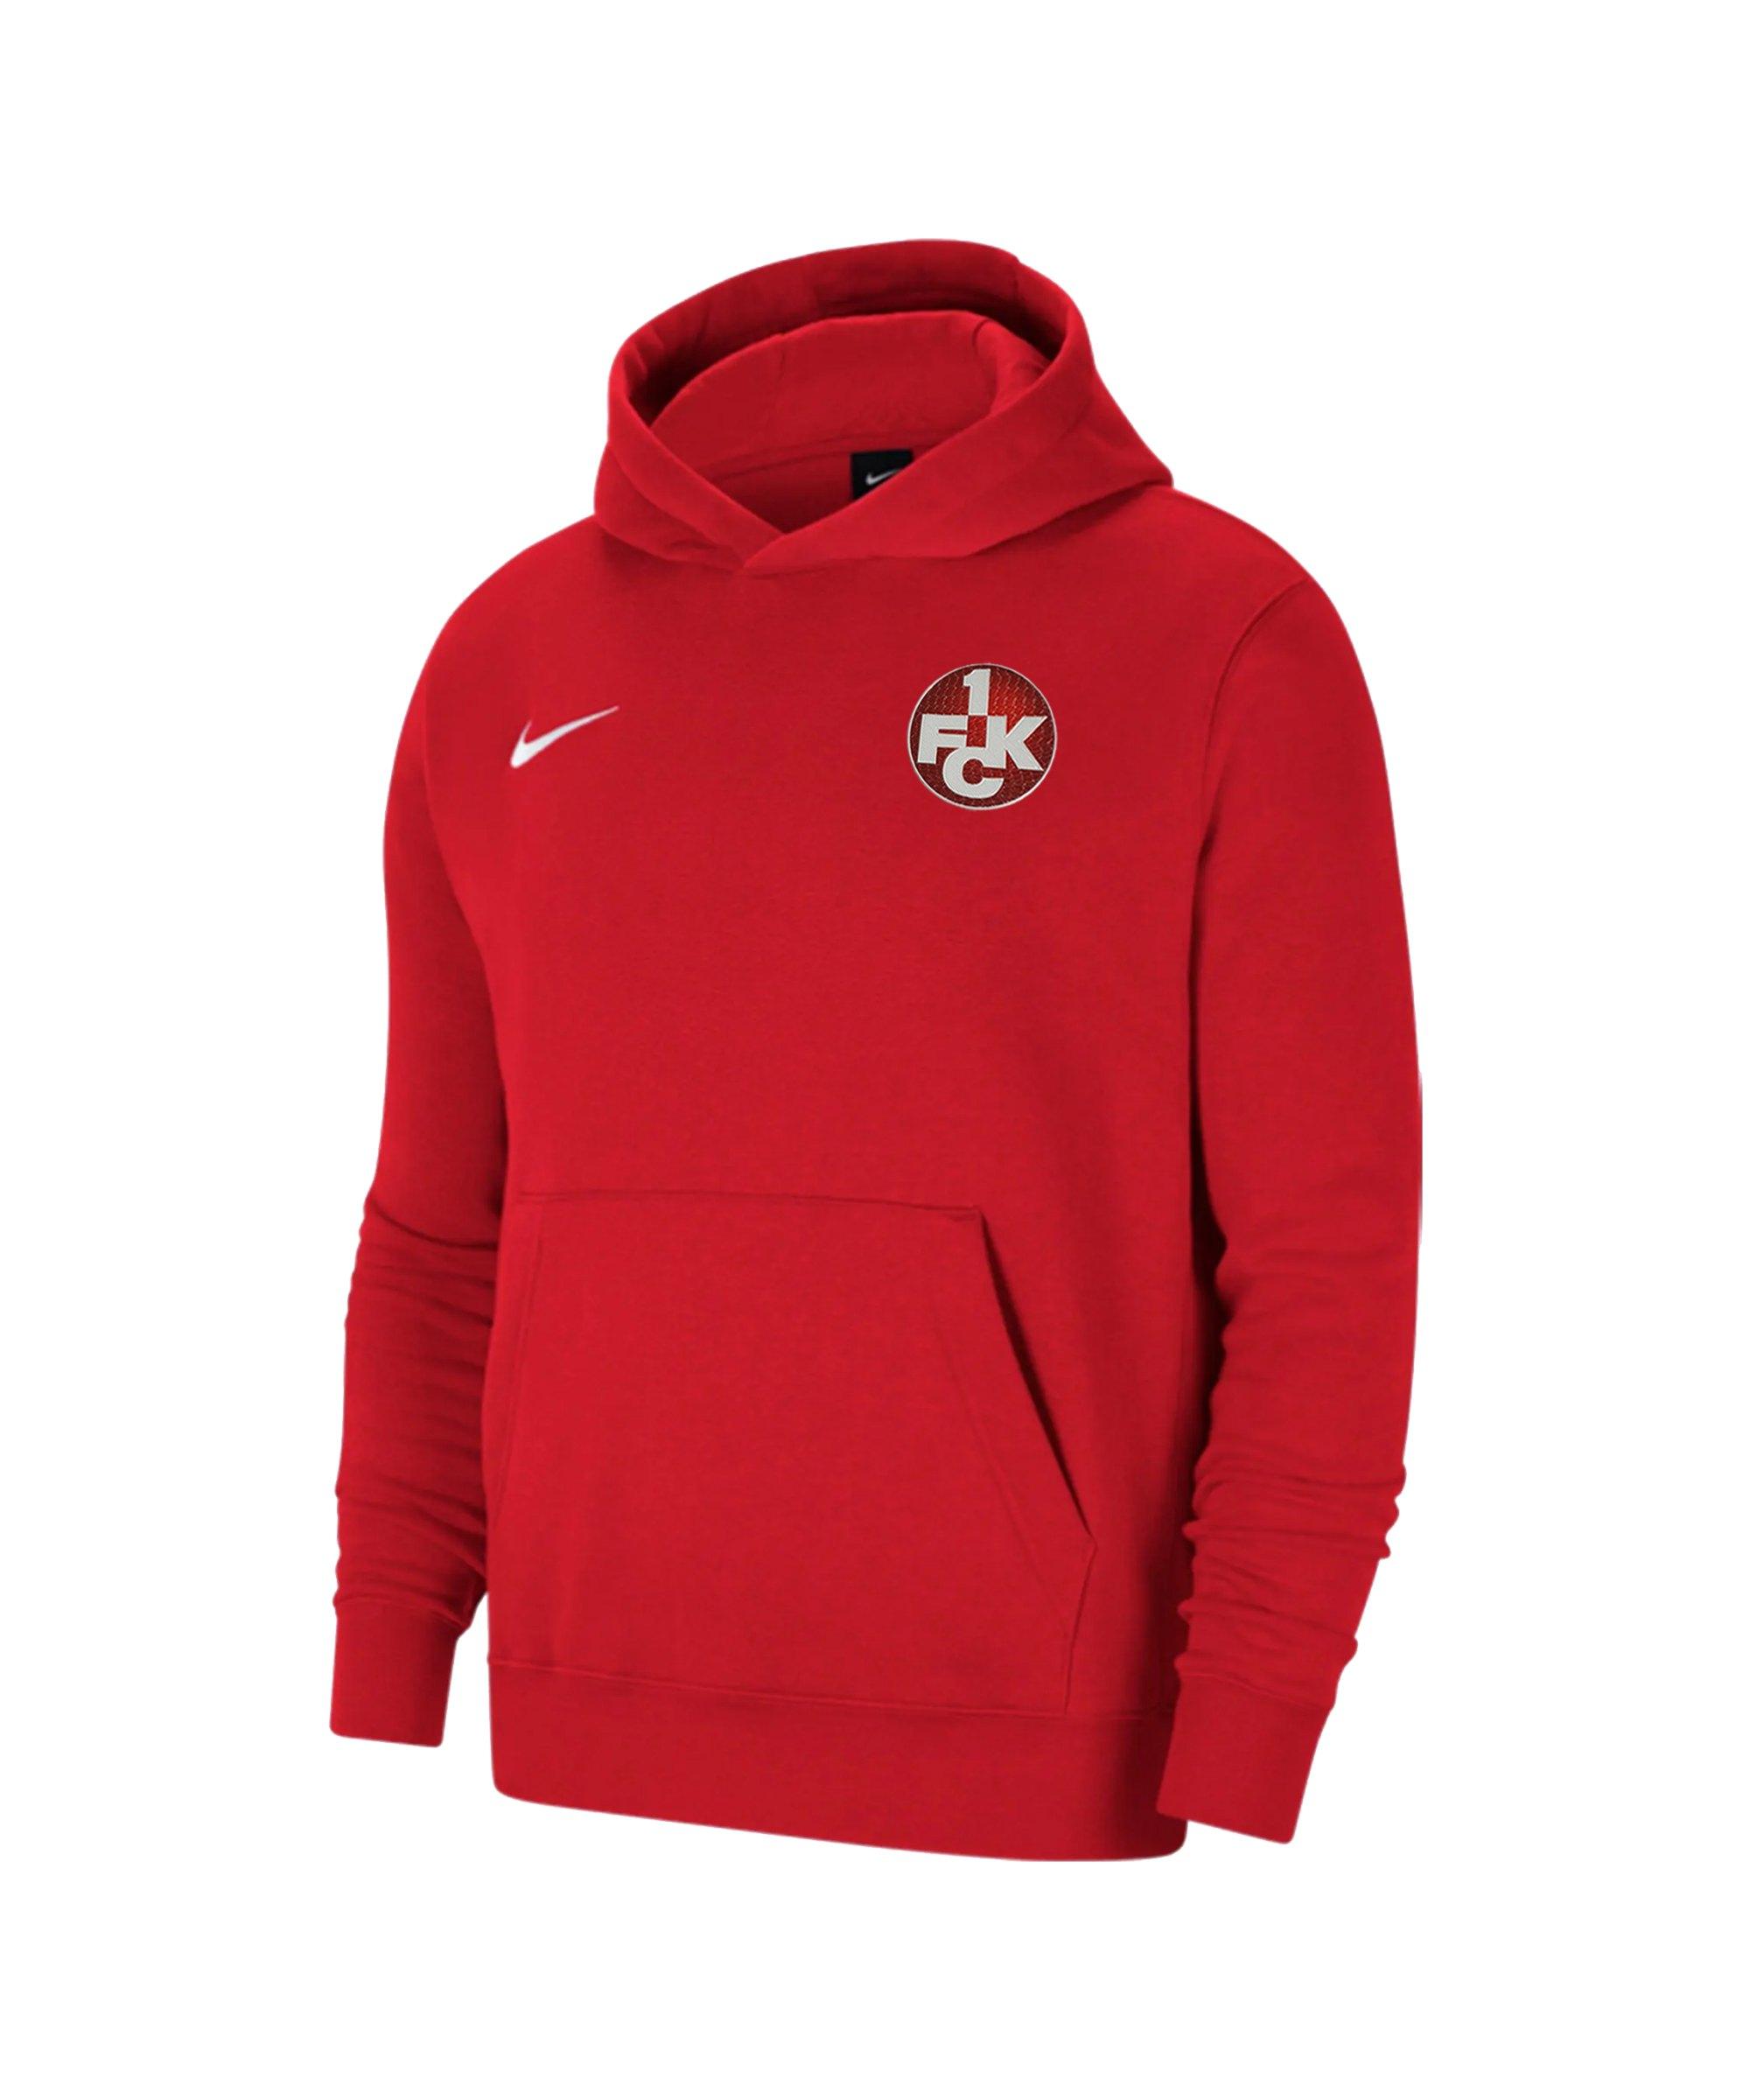 Nike 1. FC Kaiserslautern Hoody Kids Rot F657 - rot